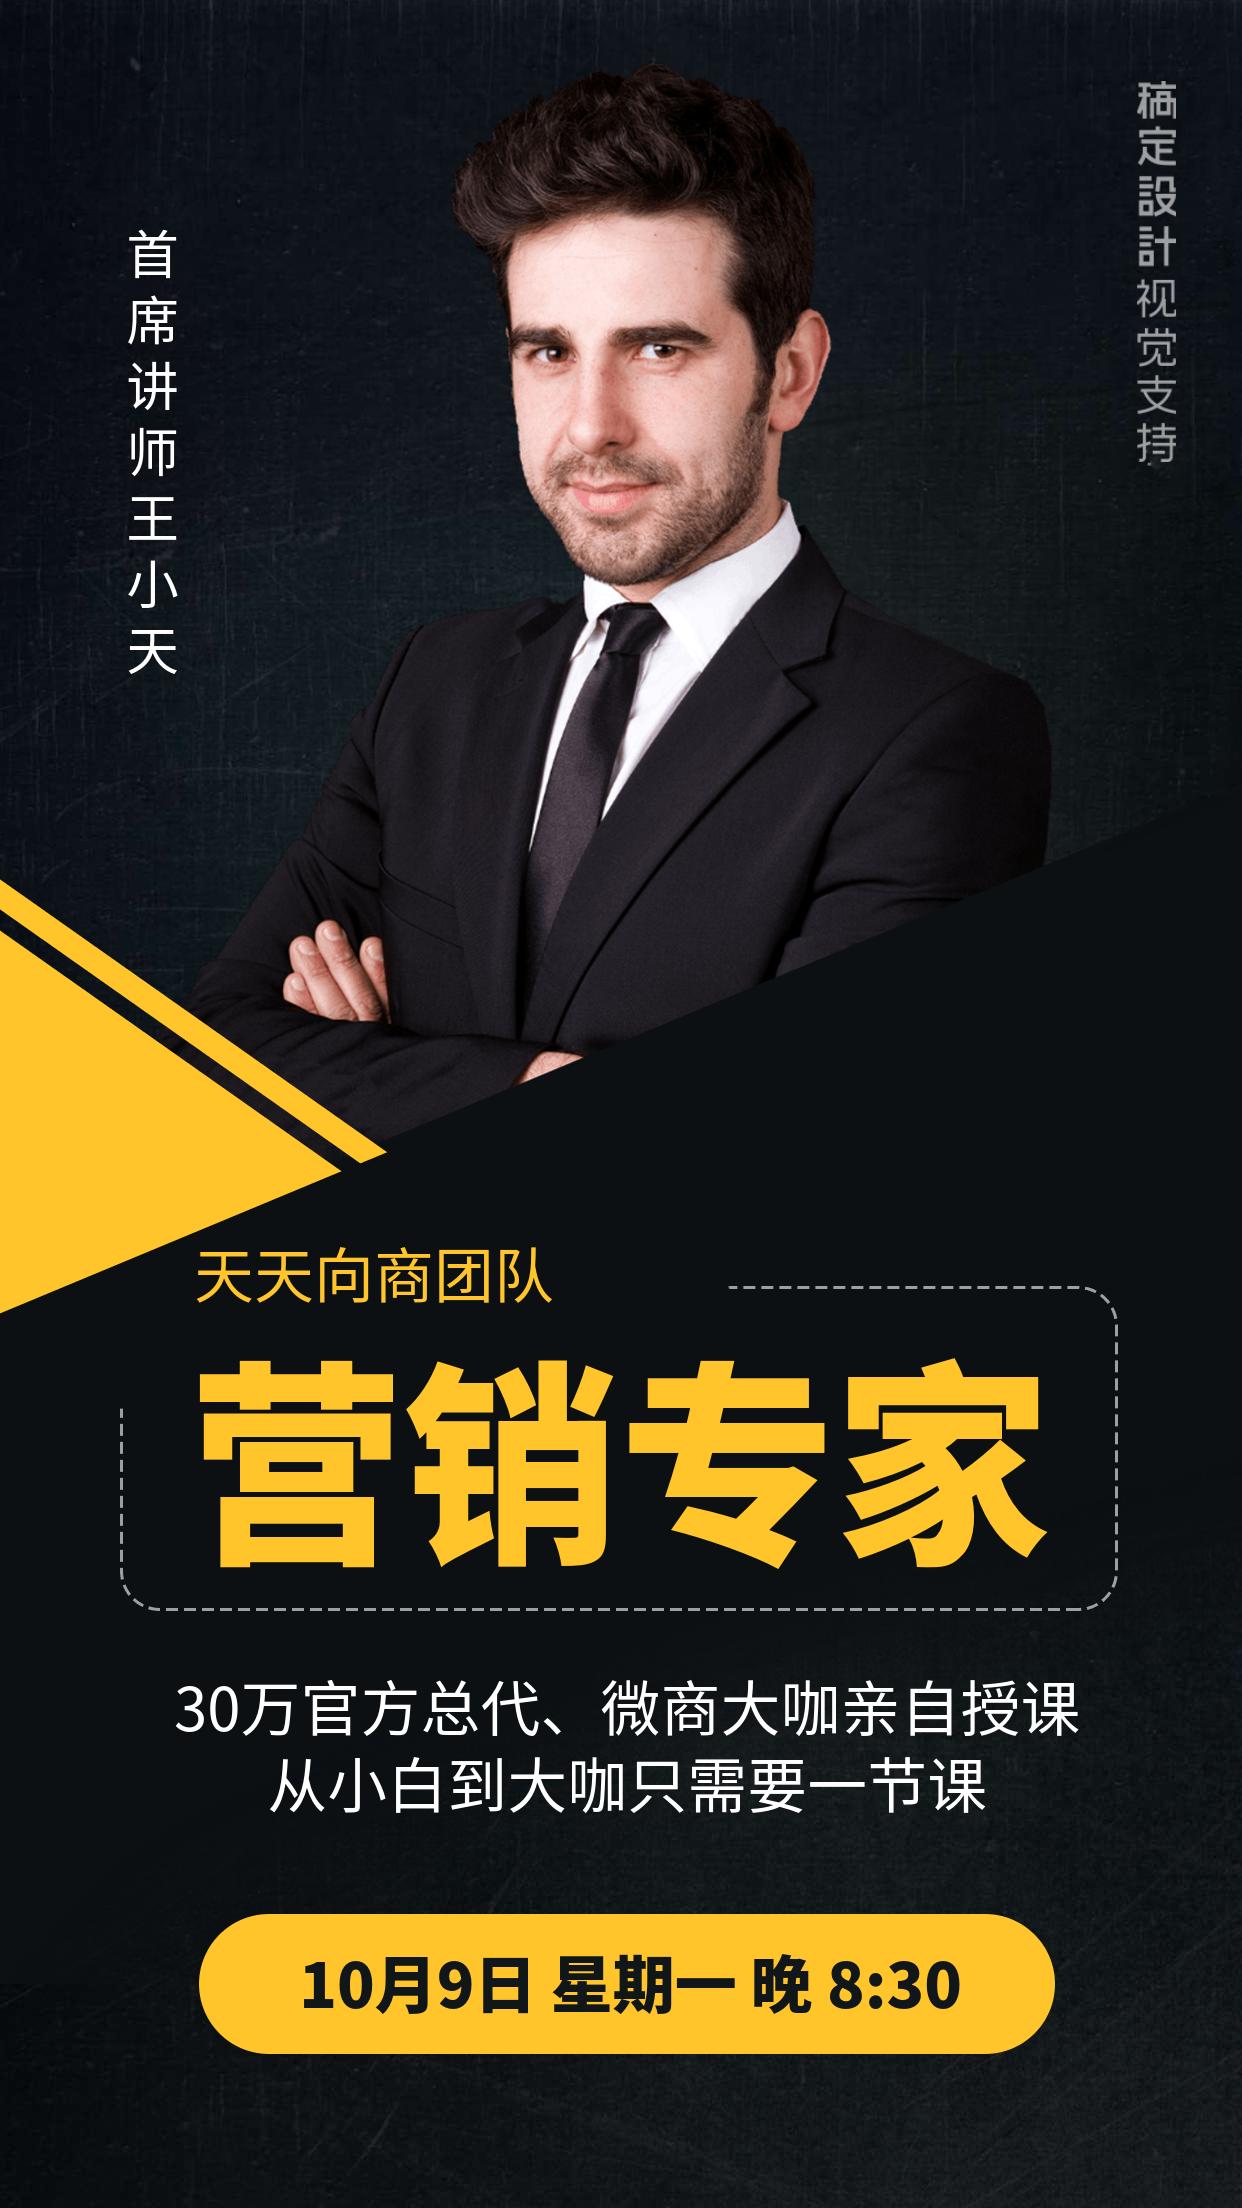 微商营销专家讲师介绍